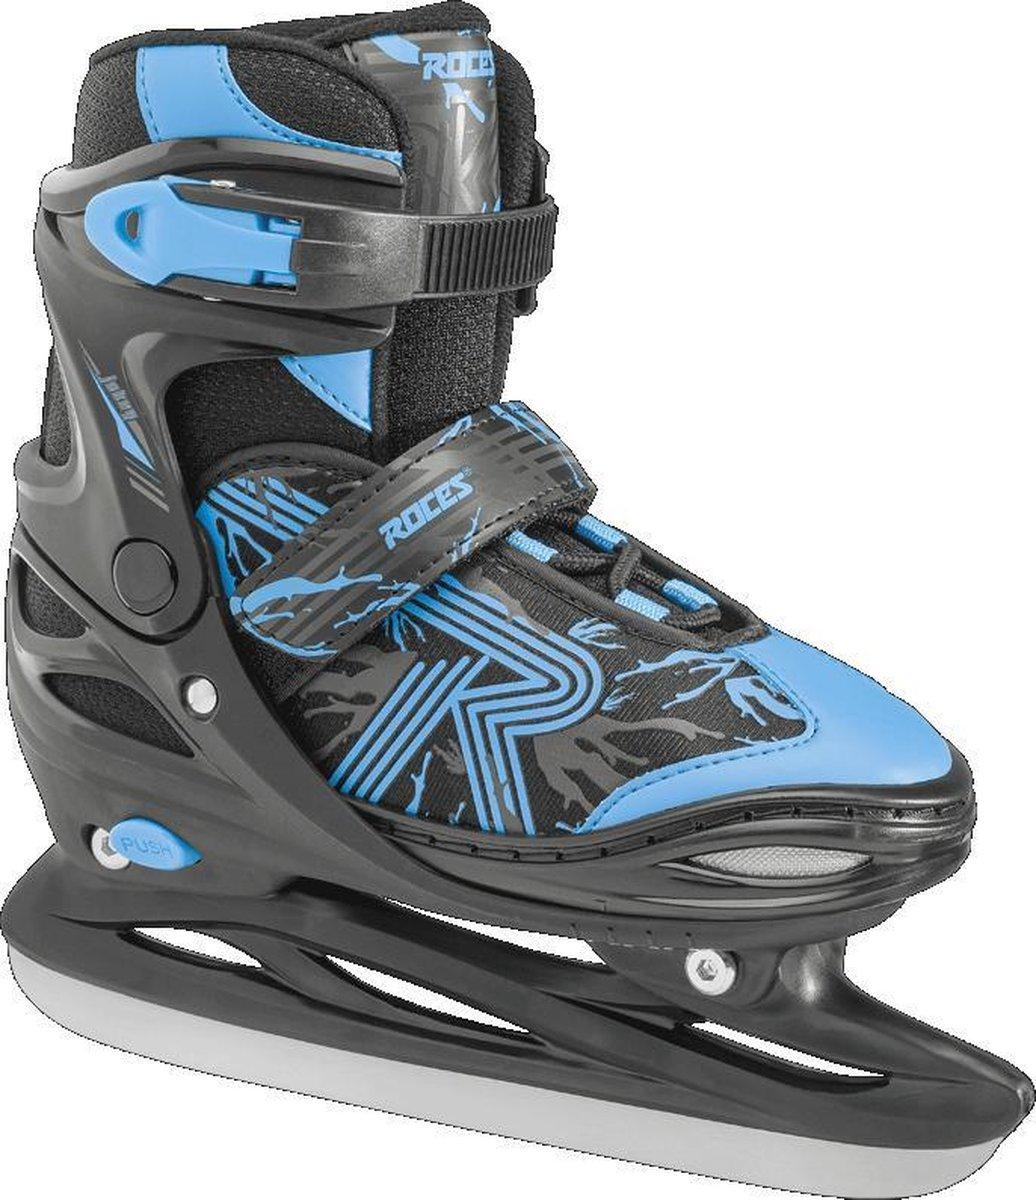 Roces - Jokey ice 2.0 - Verstelbare schaatsen - Maat 34-37 - Zwart - Blauw - IJshockeyschaats voor kinderen